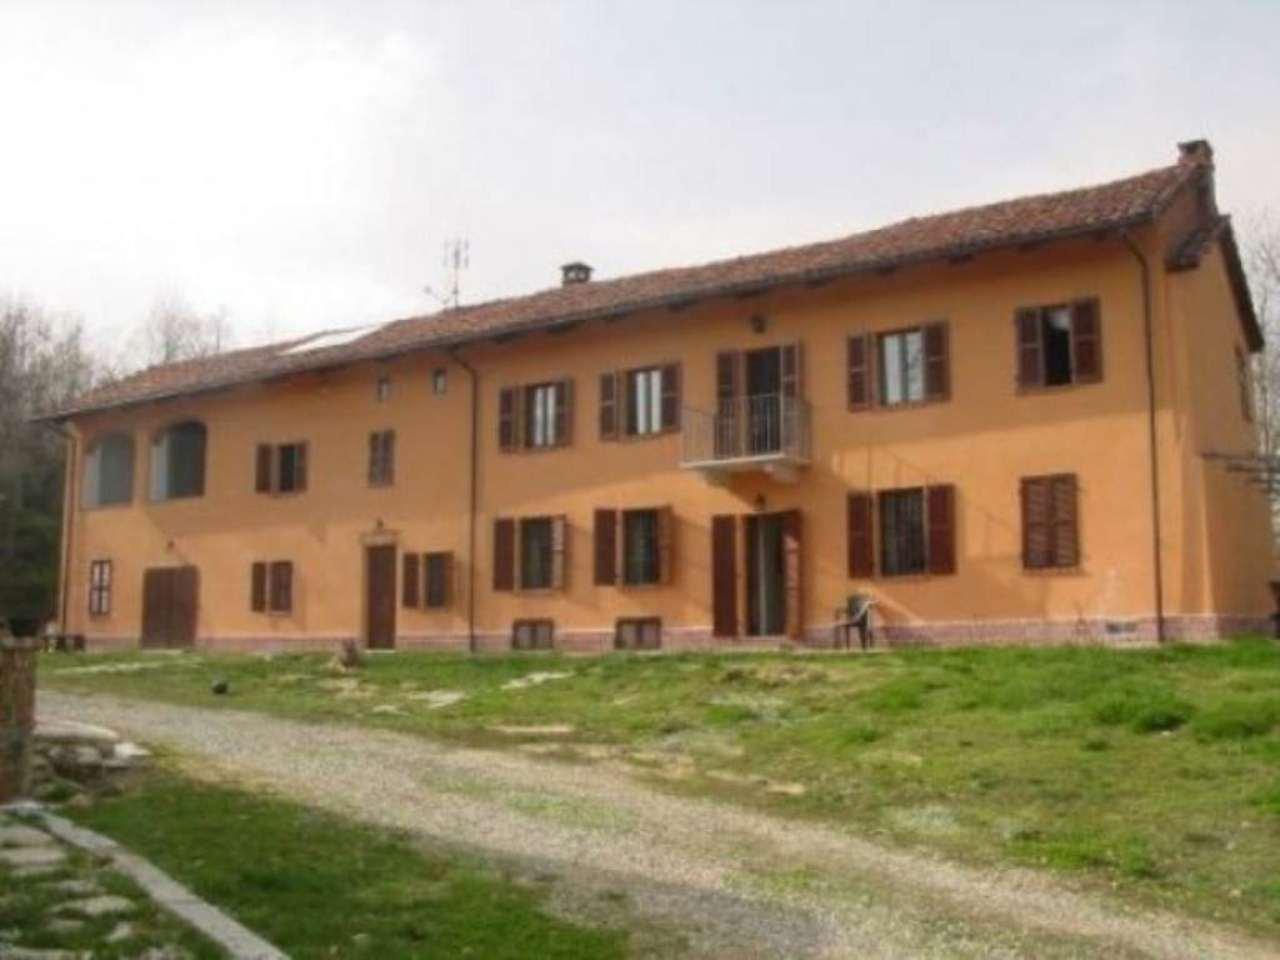 Rustico / Casale in vendita a Cortandone, 6 locali, prezzo € 495.000 | CambioCasa.it